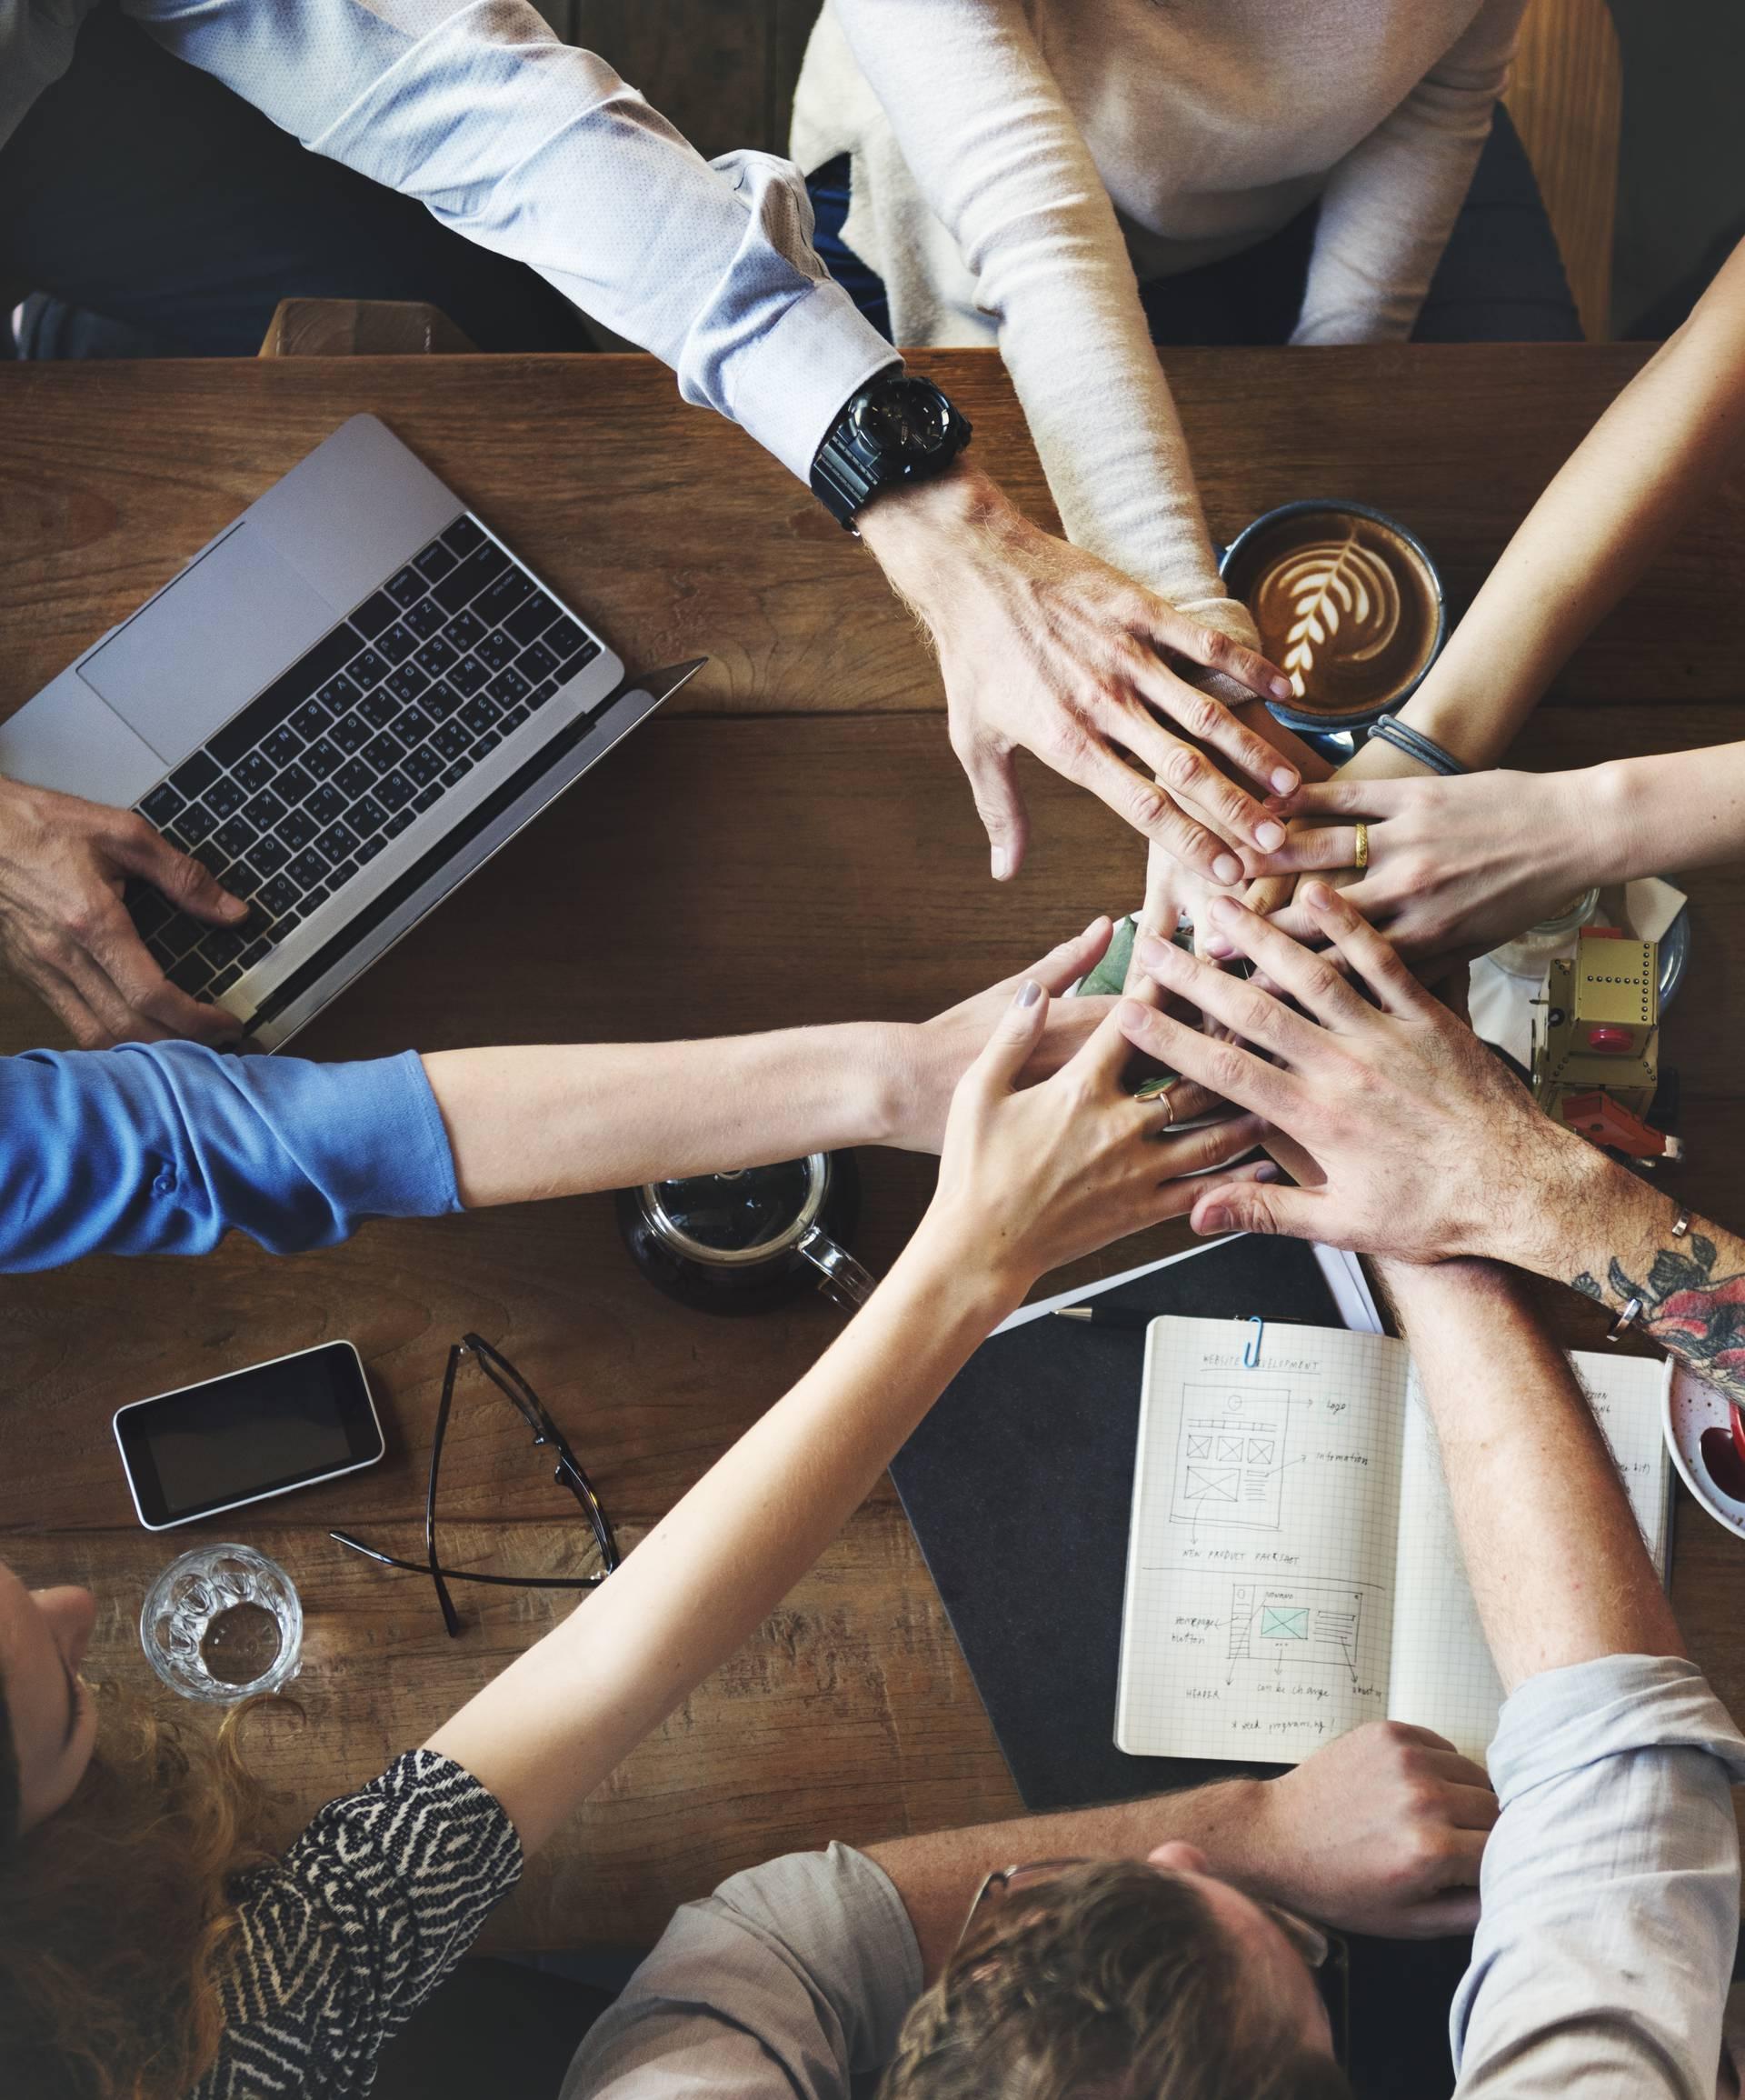 Mlađi zaposlenici: 'Psovanje jača tim' - stručnjaci se slažu